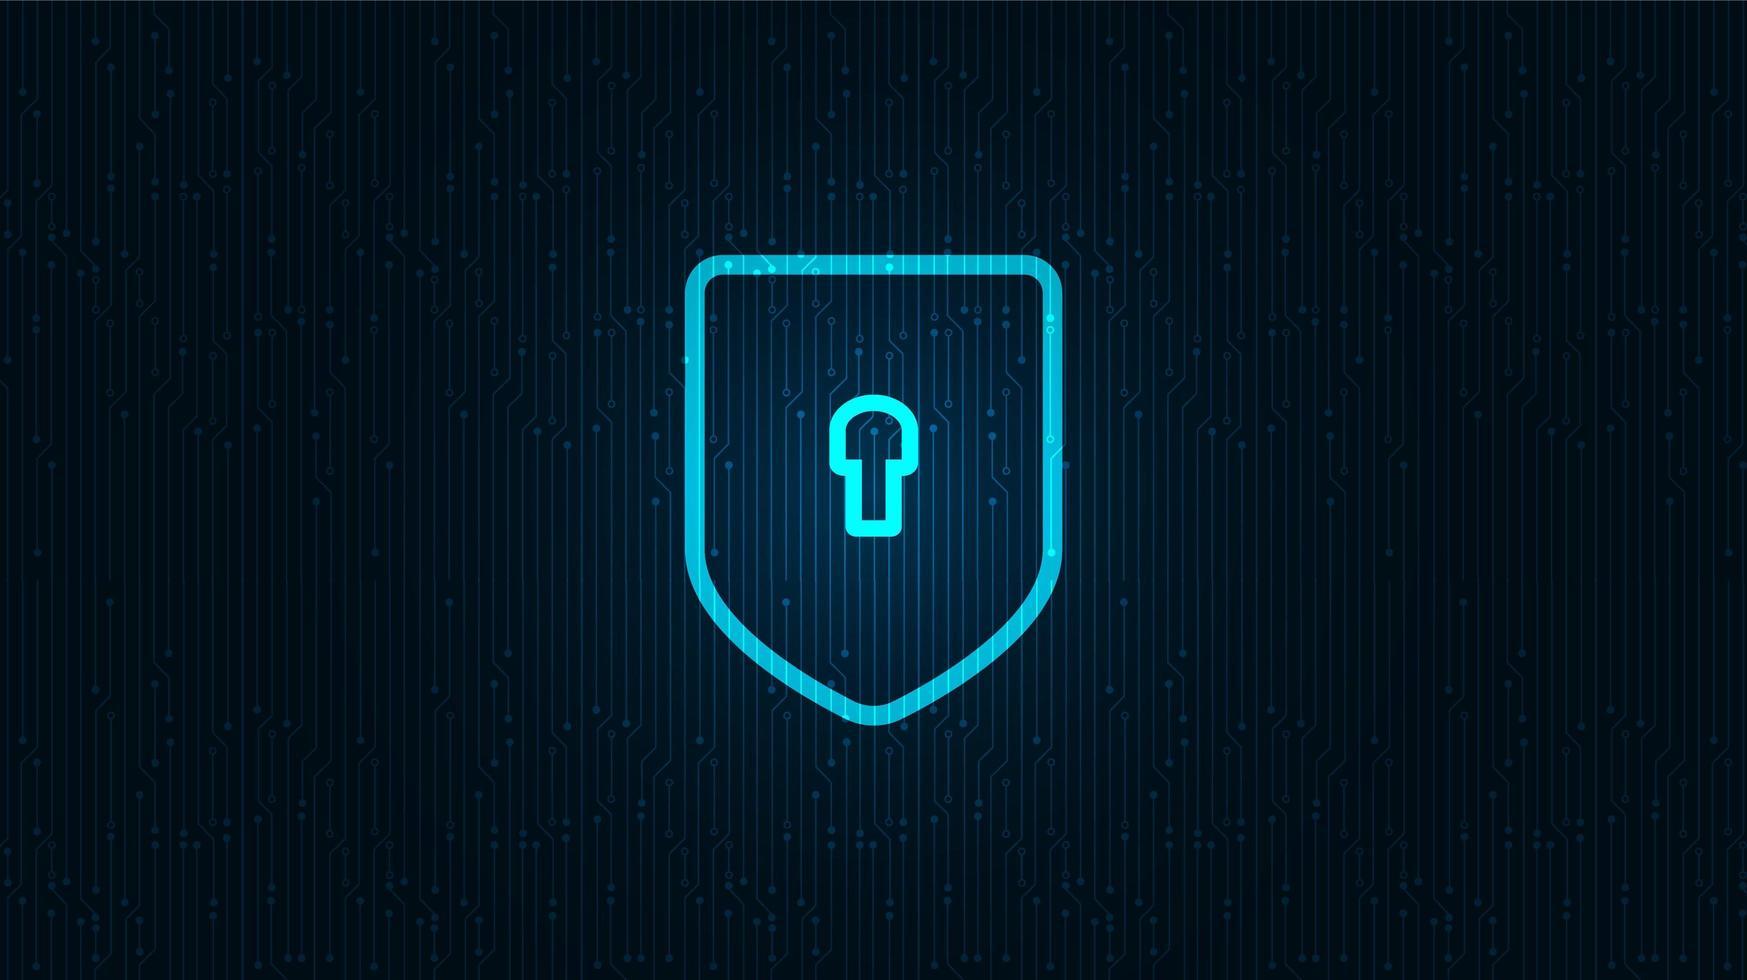 tecnologia di rete scudo sicurezza, protezione e concetto di connessione sfondo design.vector illustrazione. vettore